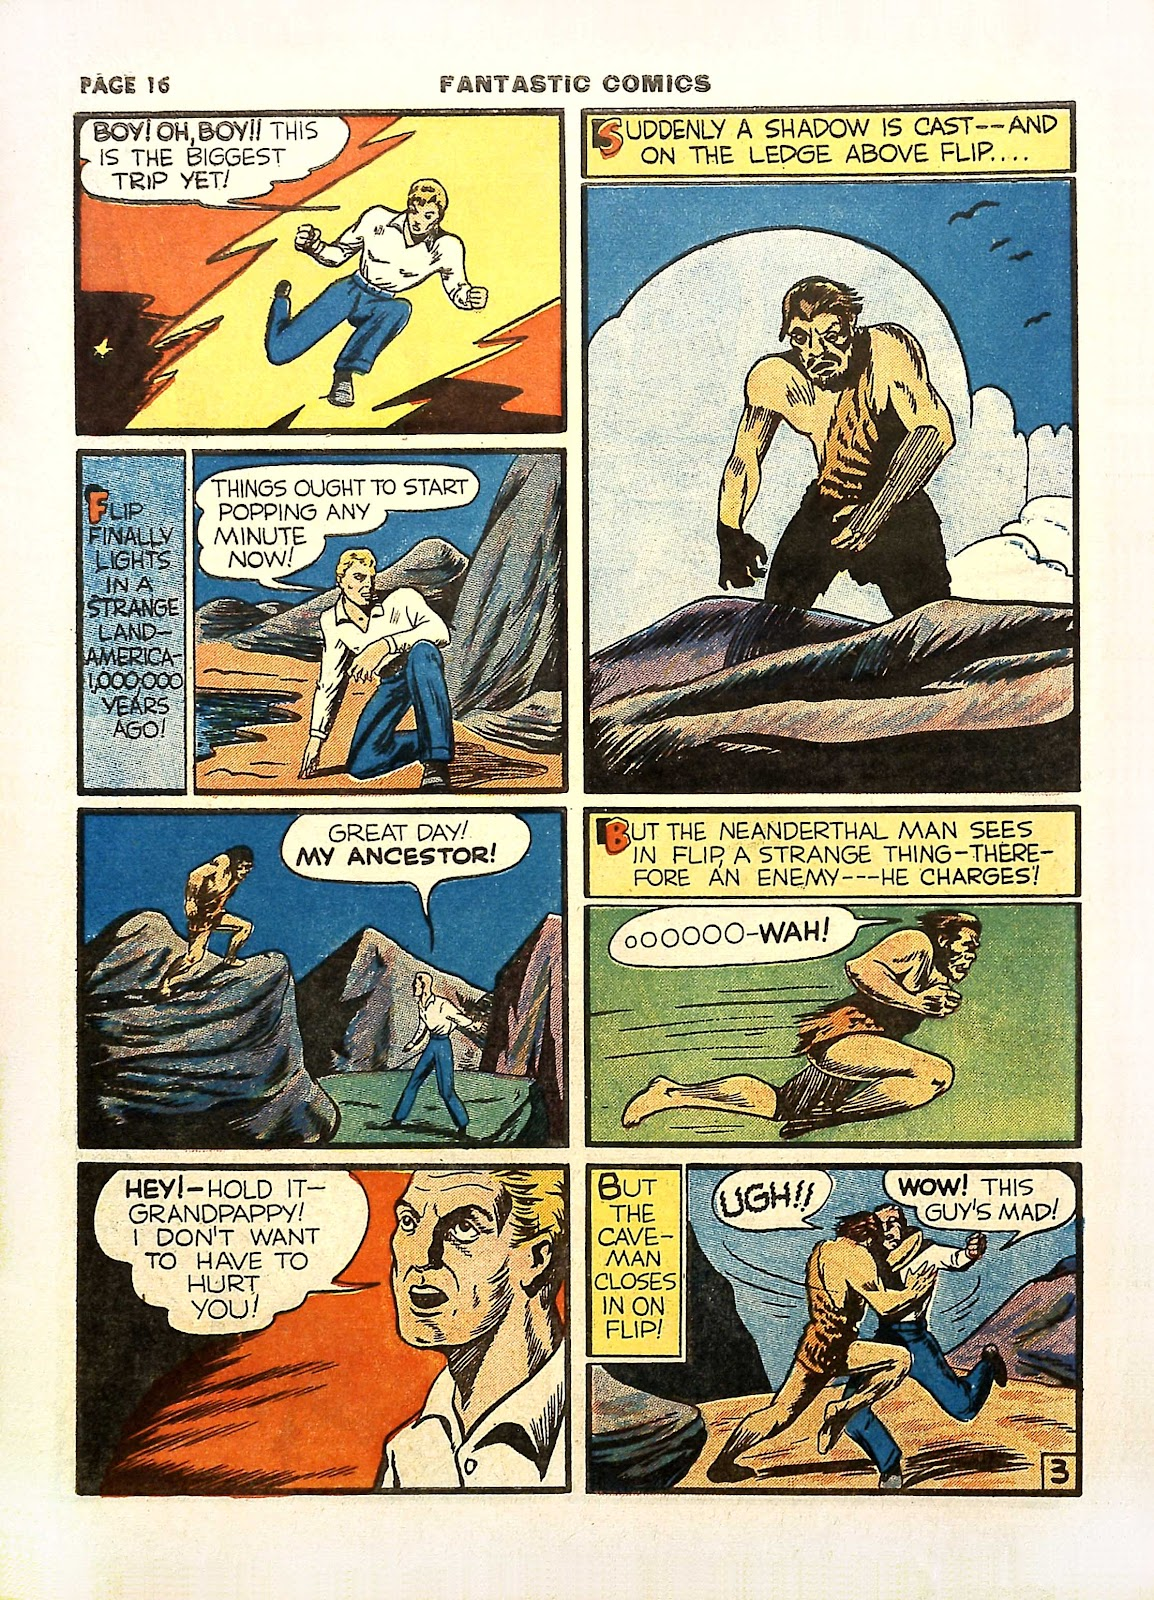 Read online Fantastic Comics comic -  Issue #11 - 19